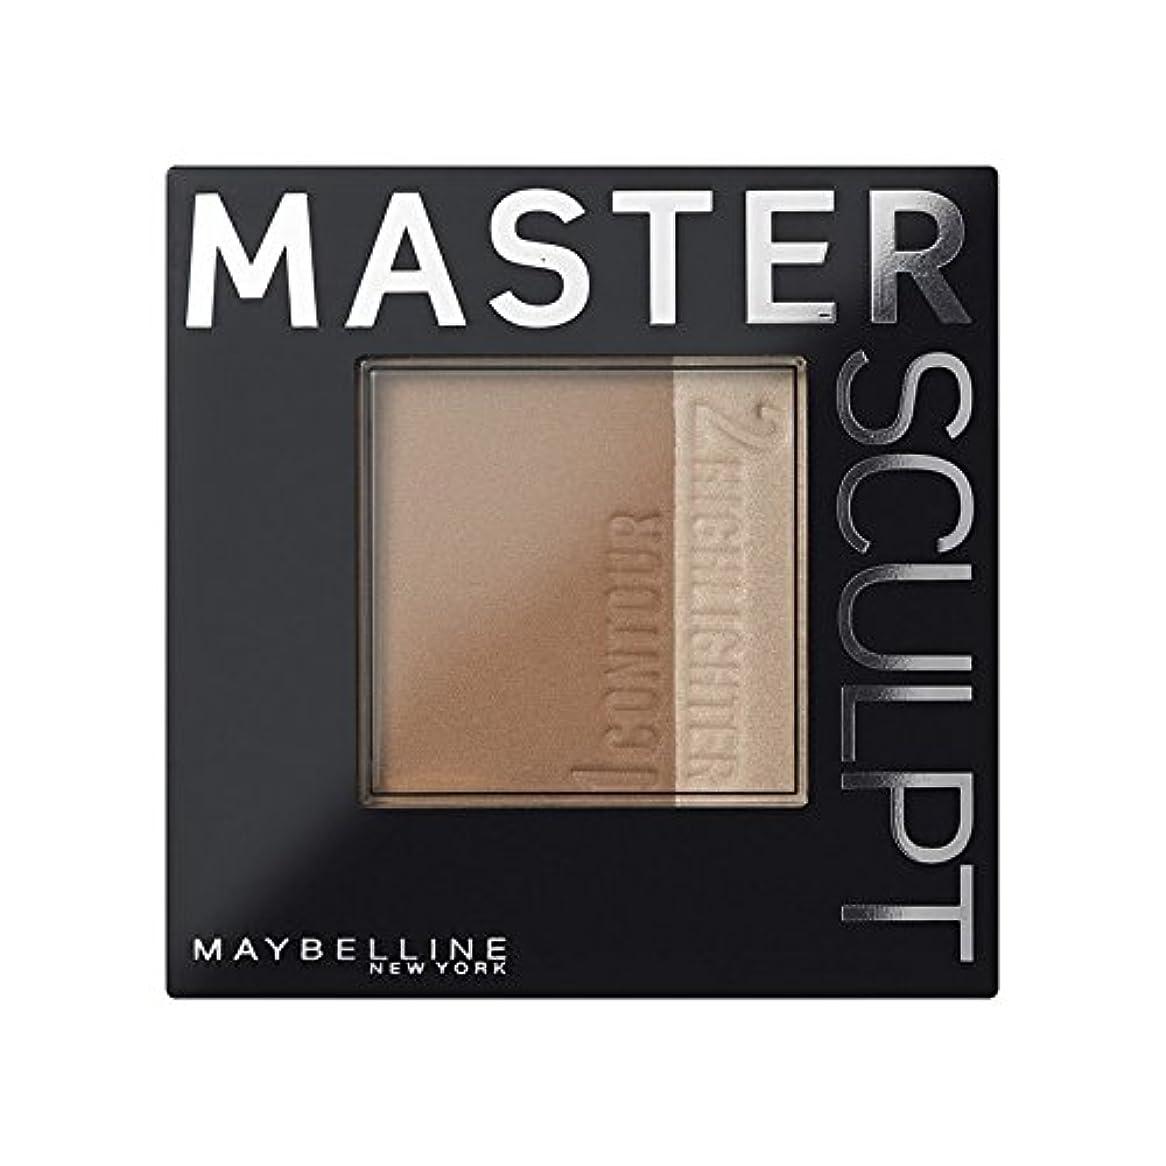 レタッチフォージ最小化する土台01光/ を輪郭メイベリンマスタースカルプト x4 - Maybelline Master Sculpt Contouring Foundation 01 Light/Med (Pack of 4) [並行輸入品]